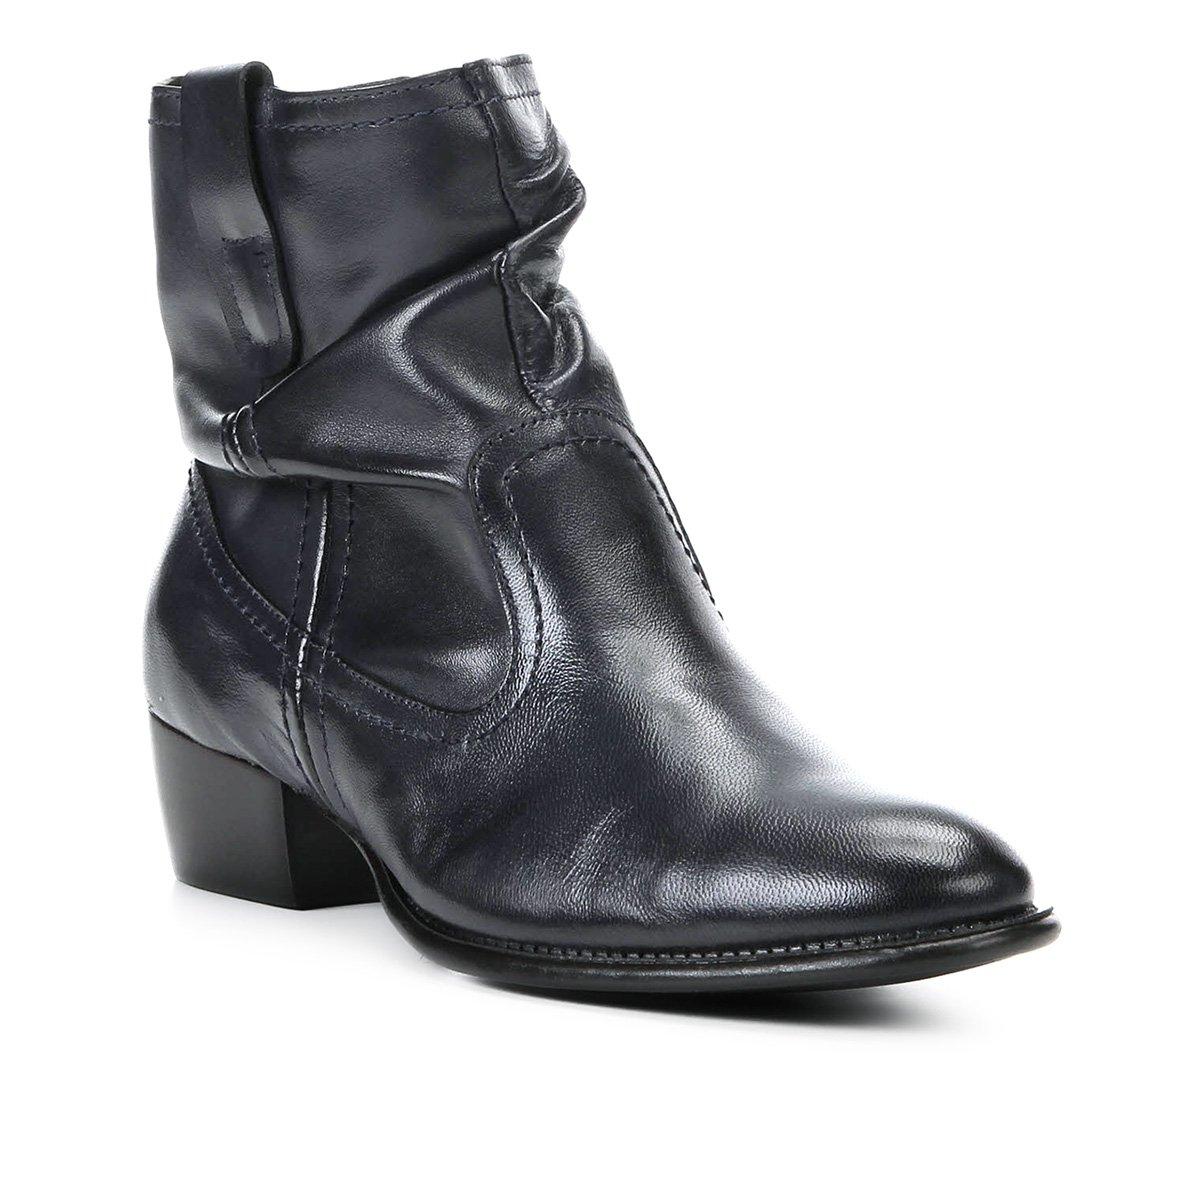 d7264a88f Bota Slouch Shoestock Couro Cano Curto Feminina - Marinho | Shoestock